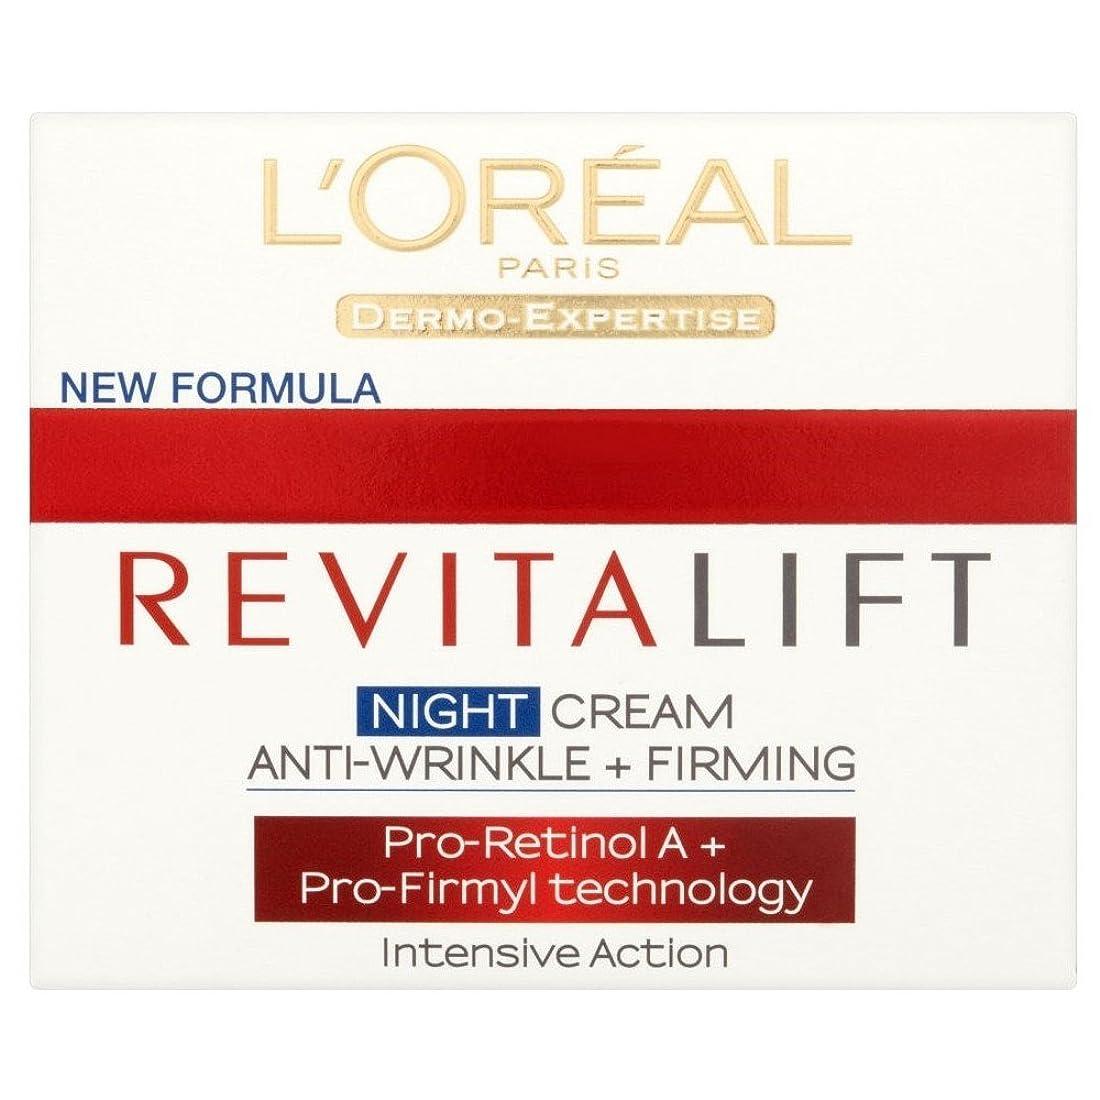 ステープル輸送ピジンL'Oreal Paris Revitalift Anti Wrinkle + Firming Night Cream (50ml) L'オラ?アルパリrevitaliftアンチリンクル+ファーミングナイトクリーム( 50ミリリットル) [並行輸入品]